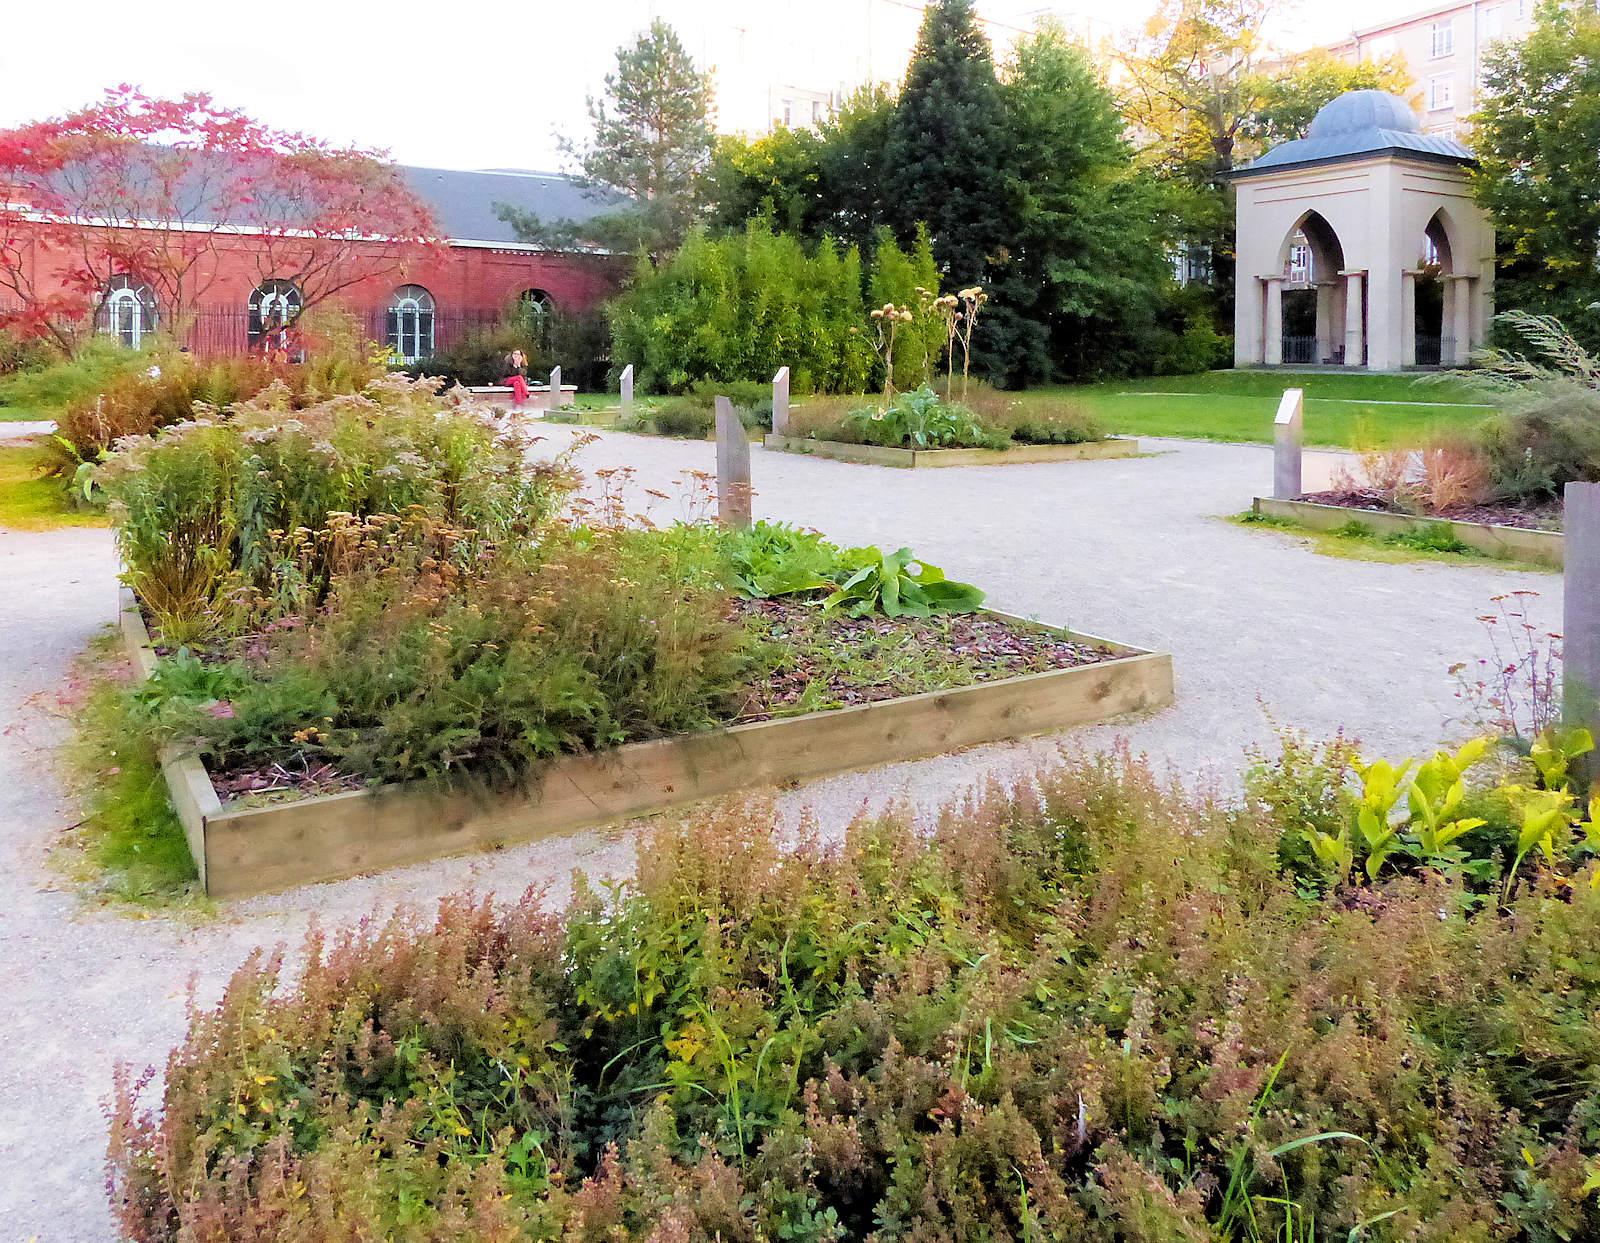 Le jardin de l'Hospice et le calvaire dans le fond